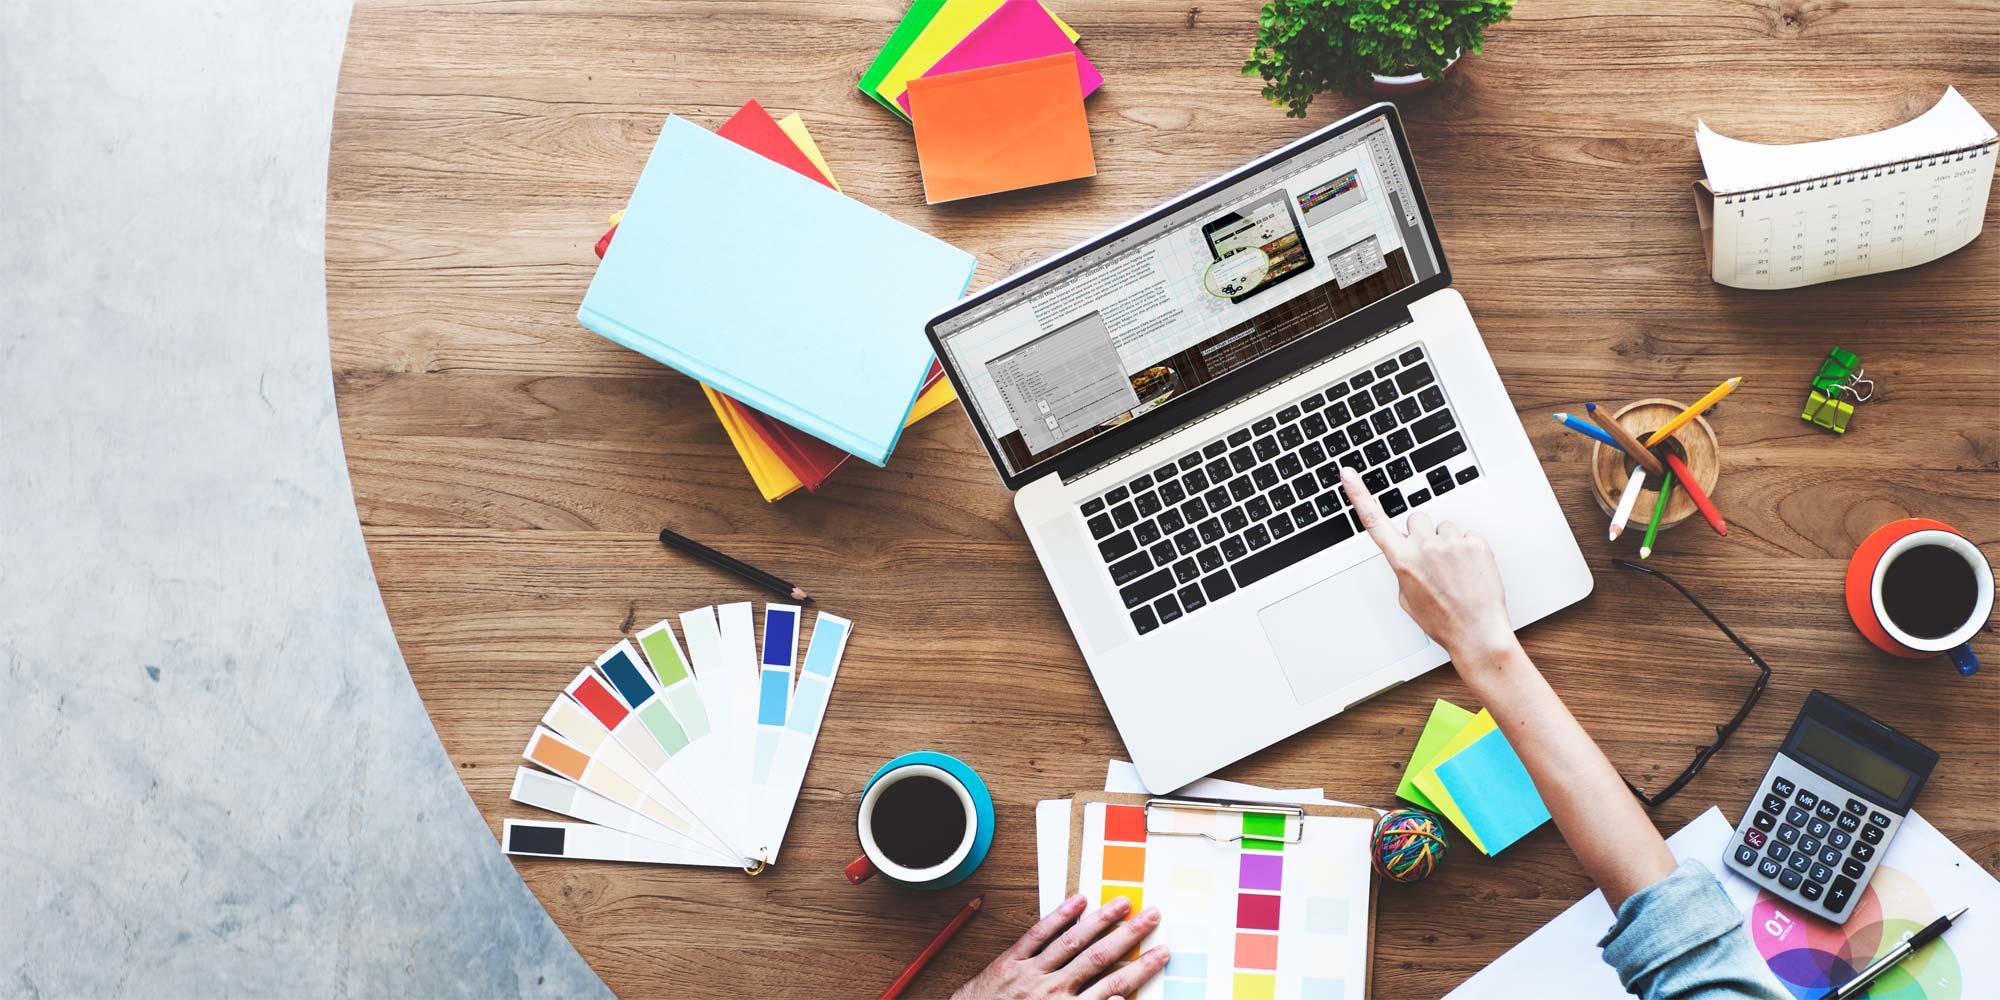 چگونه در طراحی وب عملکرد بهتر و موفق تری داشته باشم؟